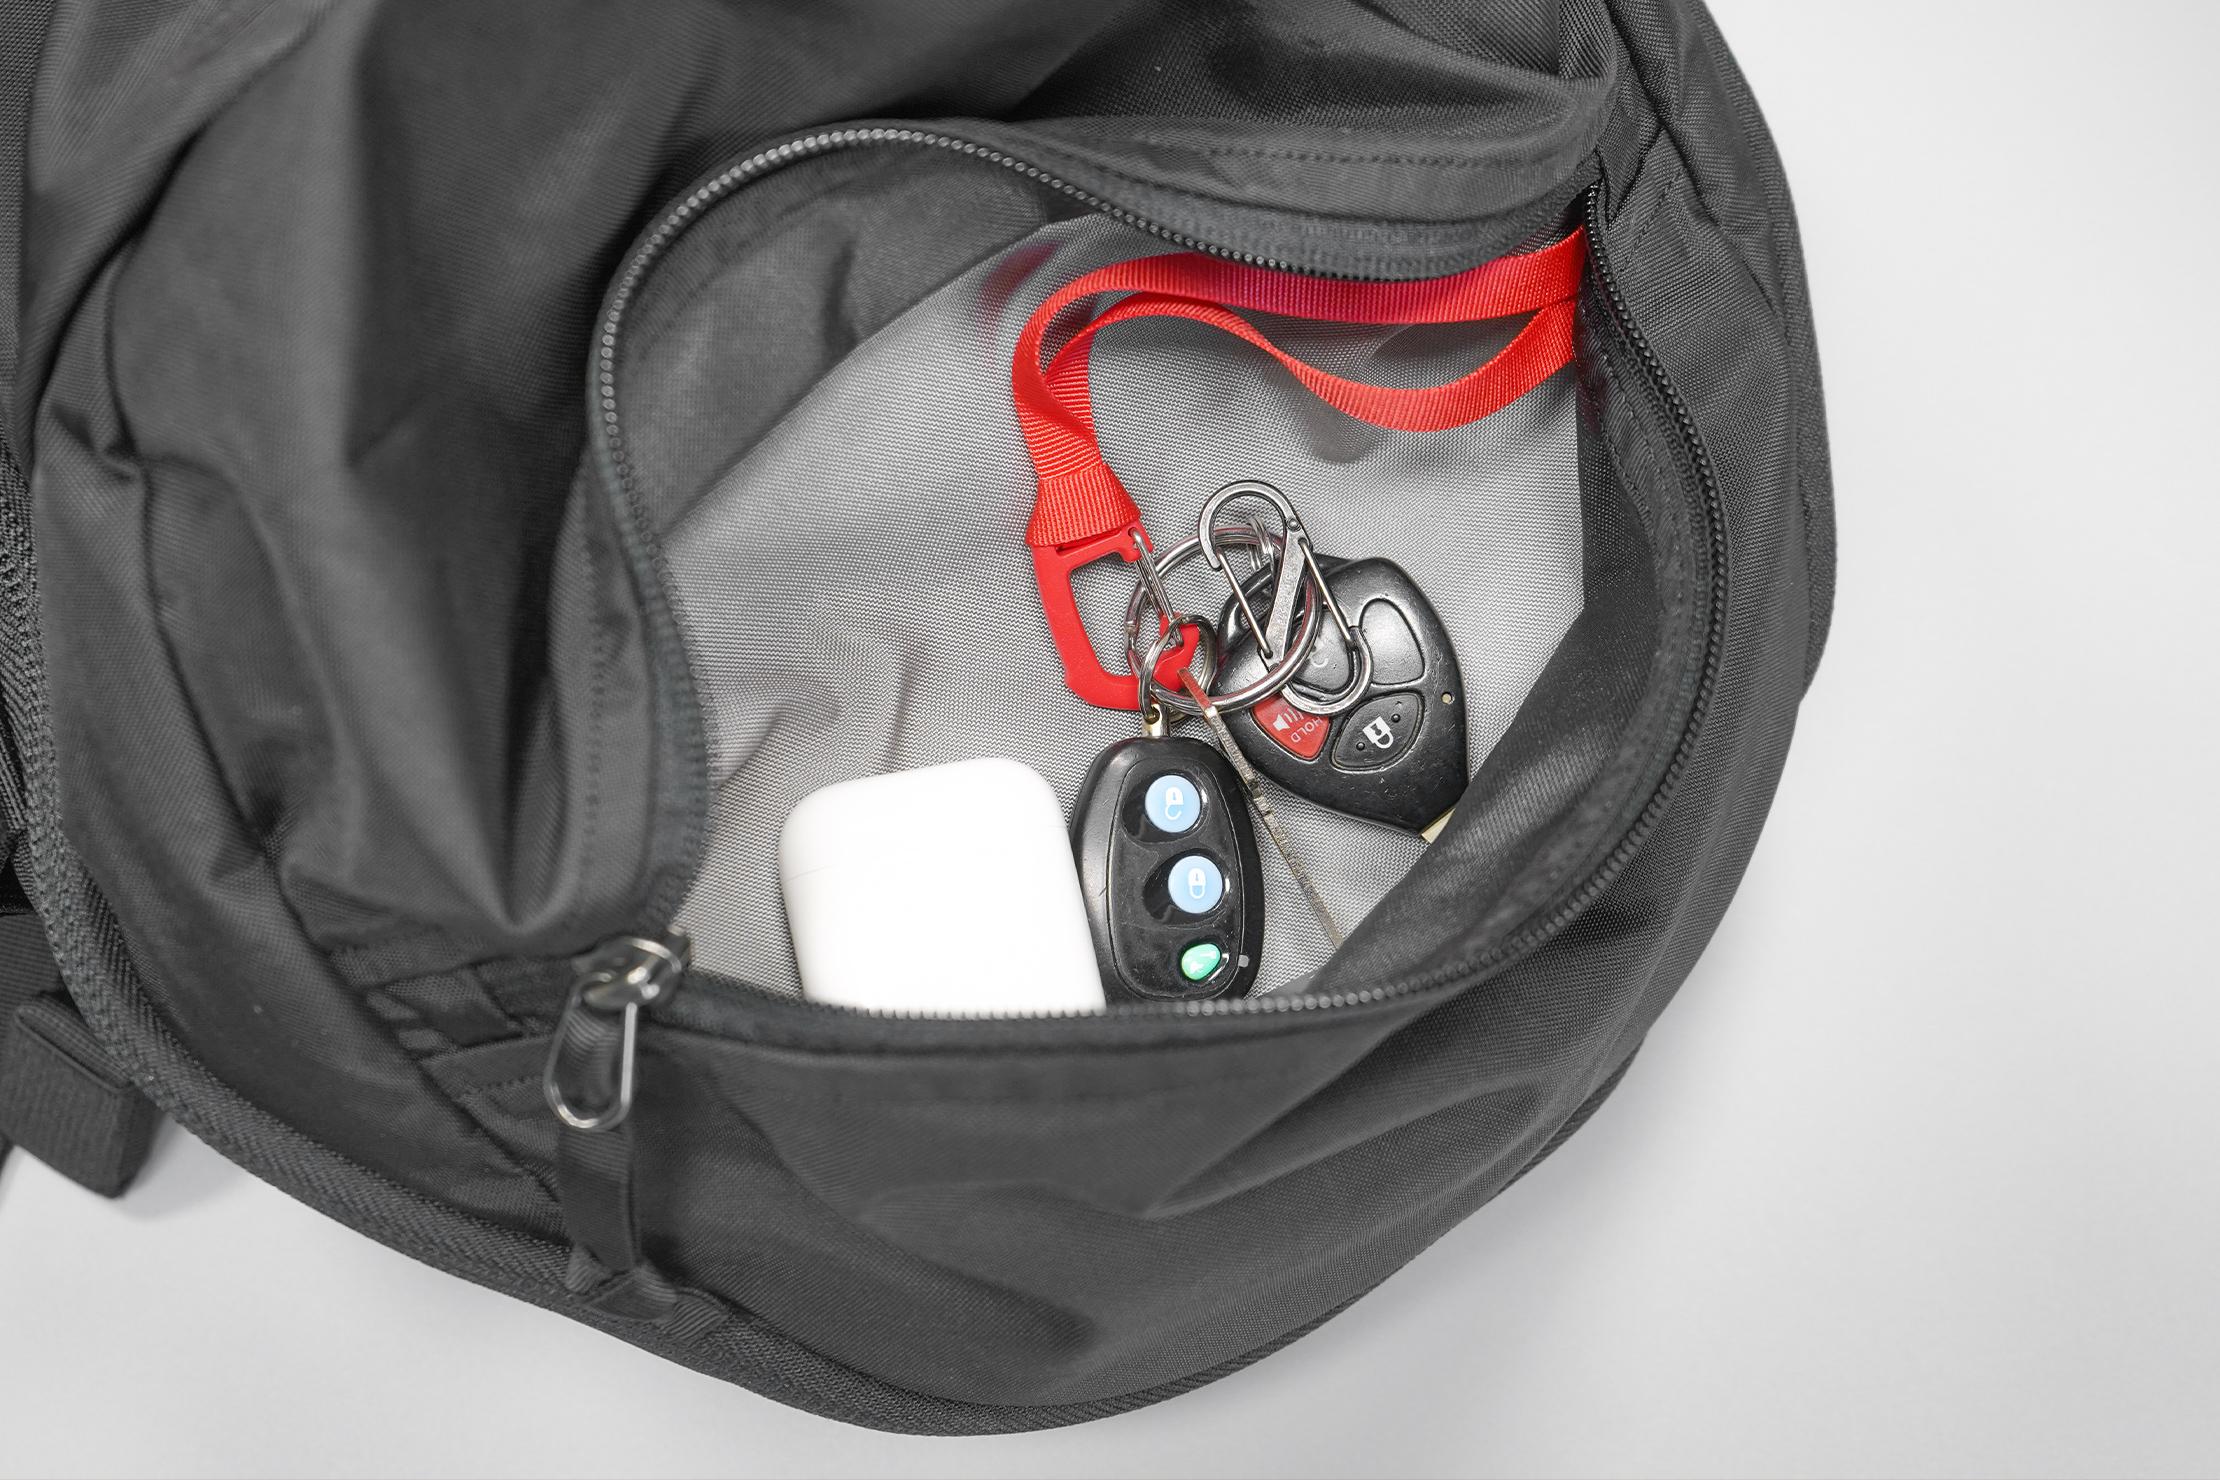 EVERGOODS MPL30 (V2) Quick-Grab Pocket